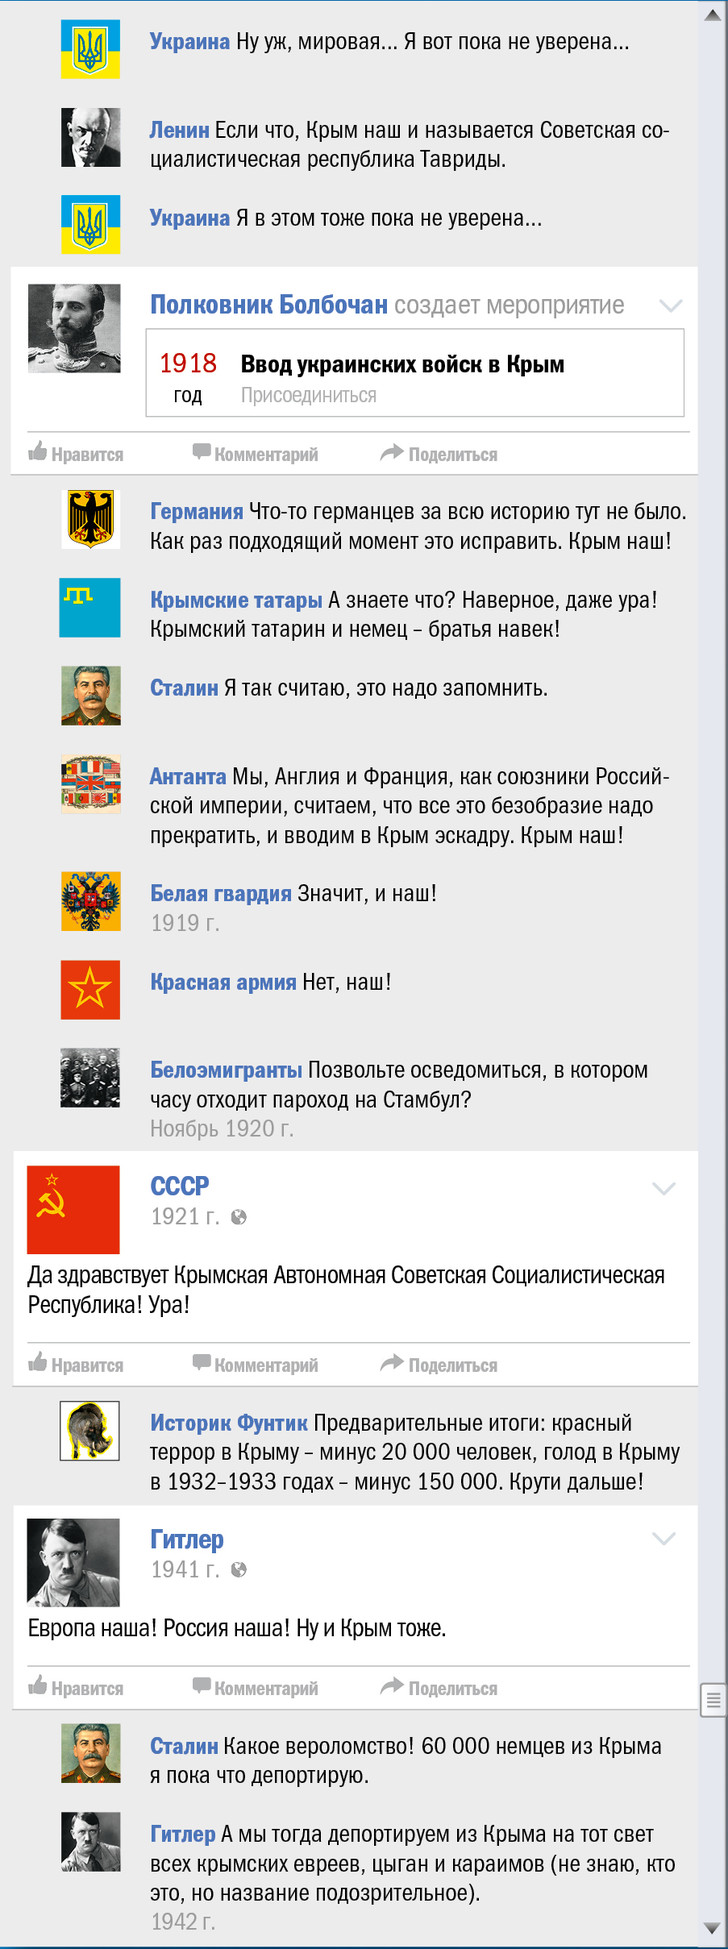 Фото №11 - Крым чей? Правдивая история Крыма в виде ленты «Фейсбука»